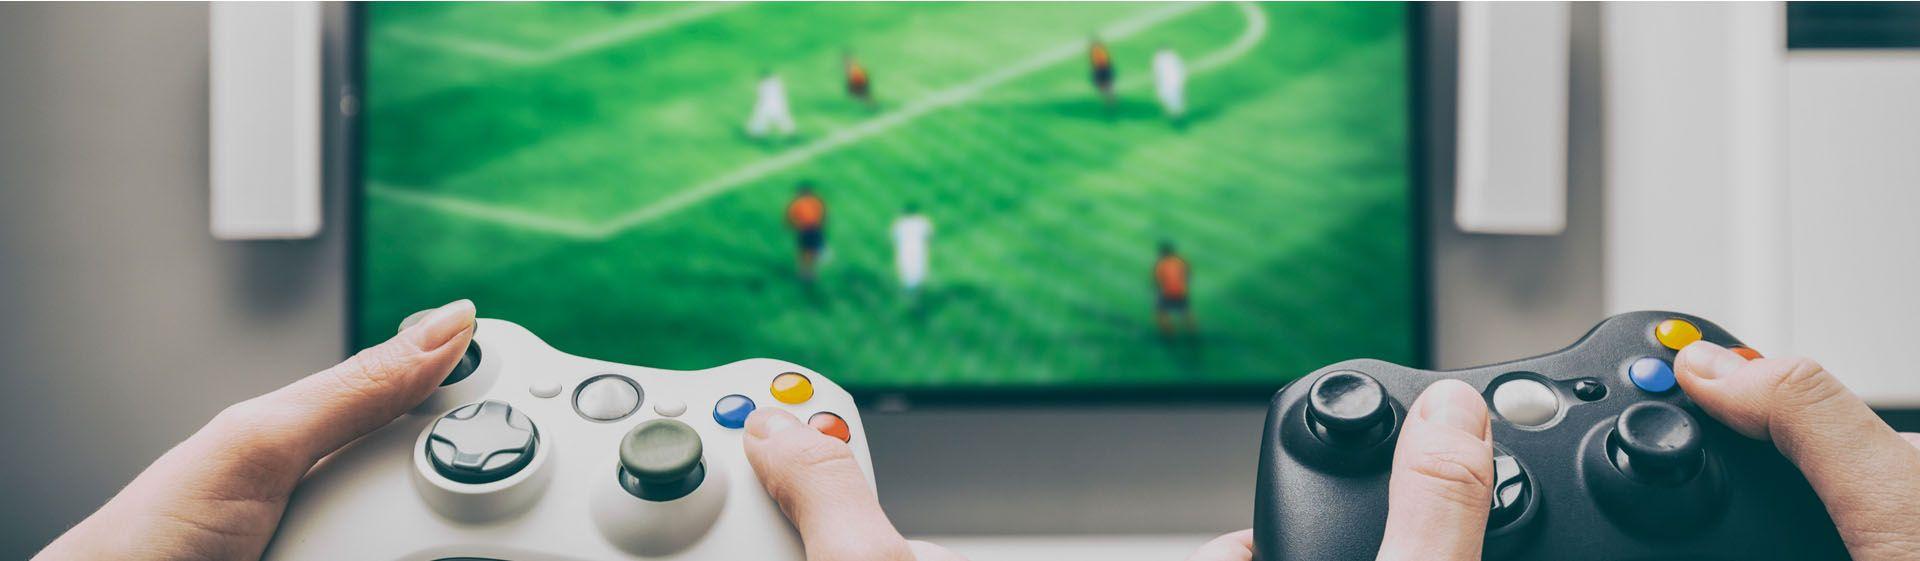 Melhor TV para games em 2020: LG CX lidera ranking